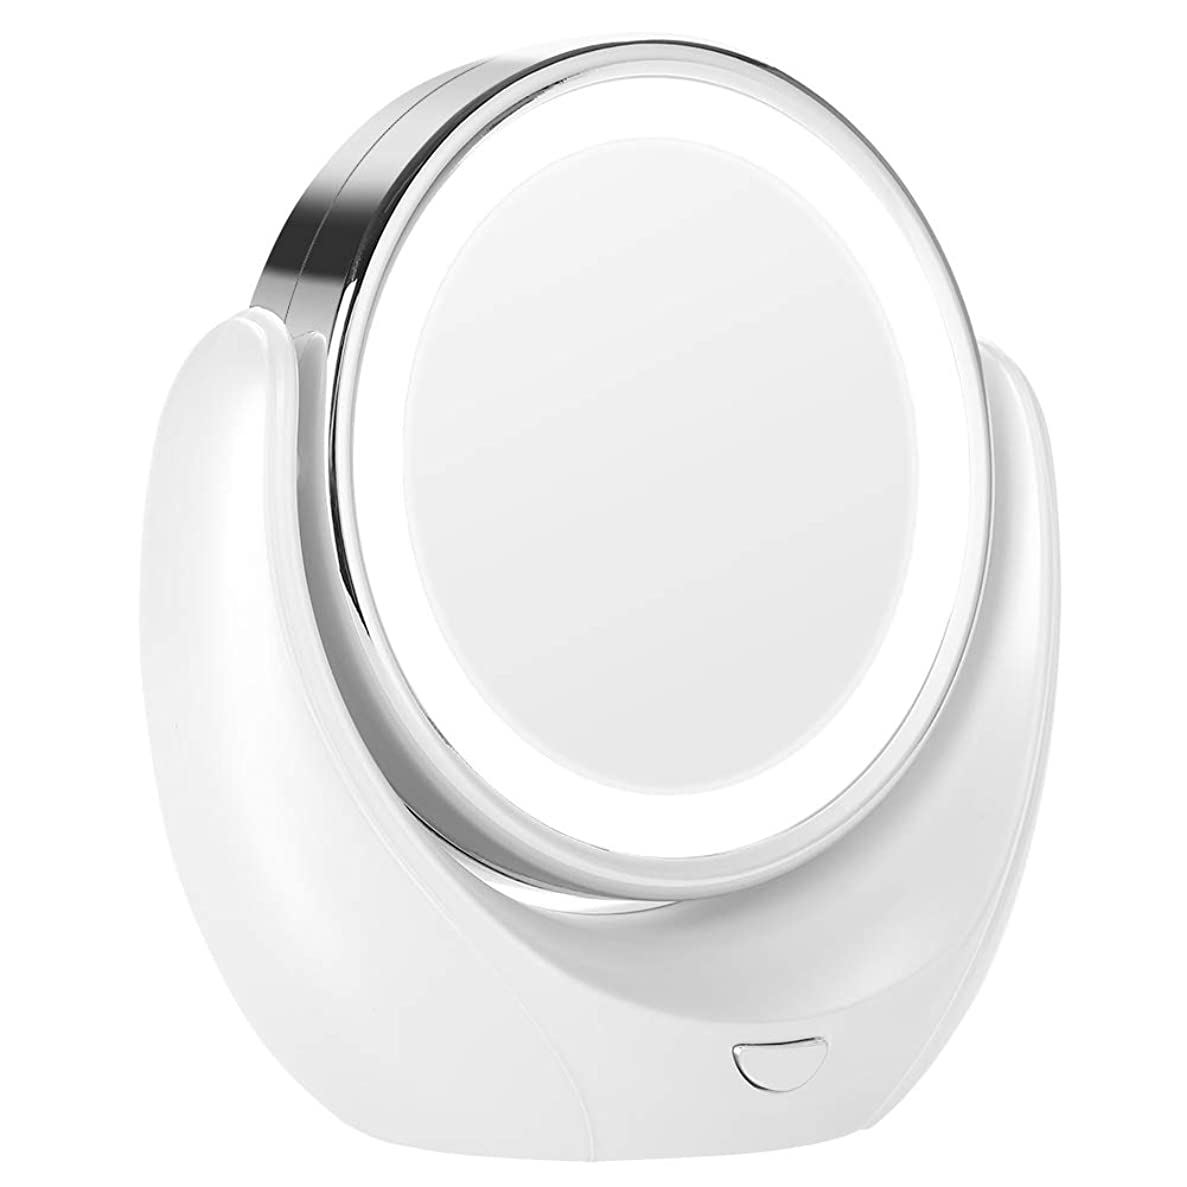 弱まるお香トランペットLED HD 5X拡大鏡360度回転可能なダブルミラー化粧化粧鏡